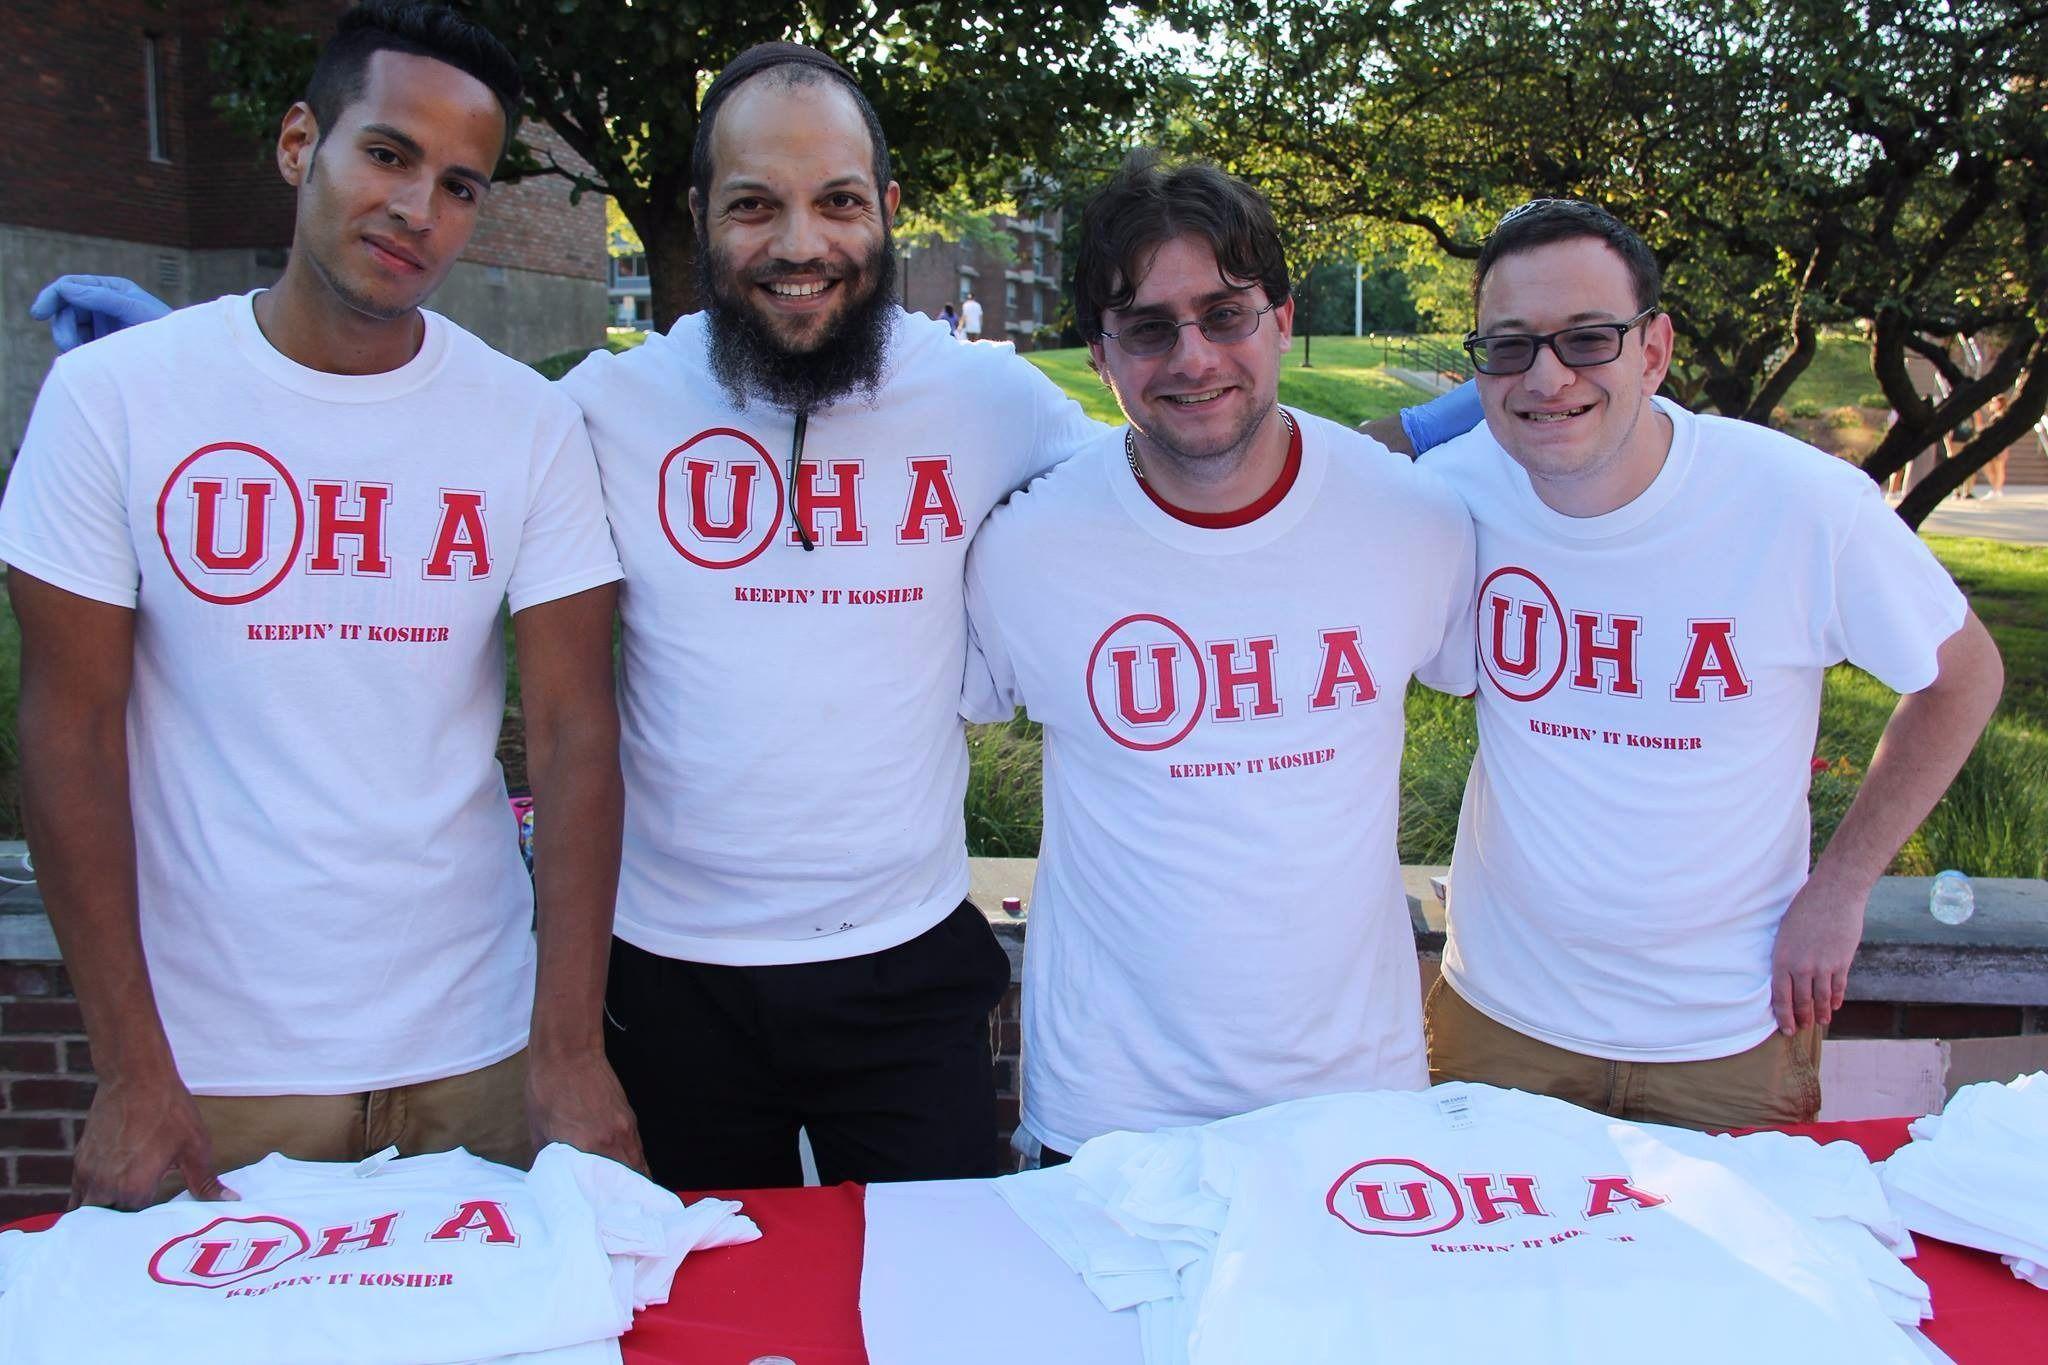 Jewish students at the University of Hartford